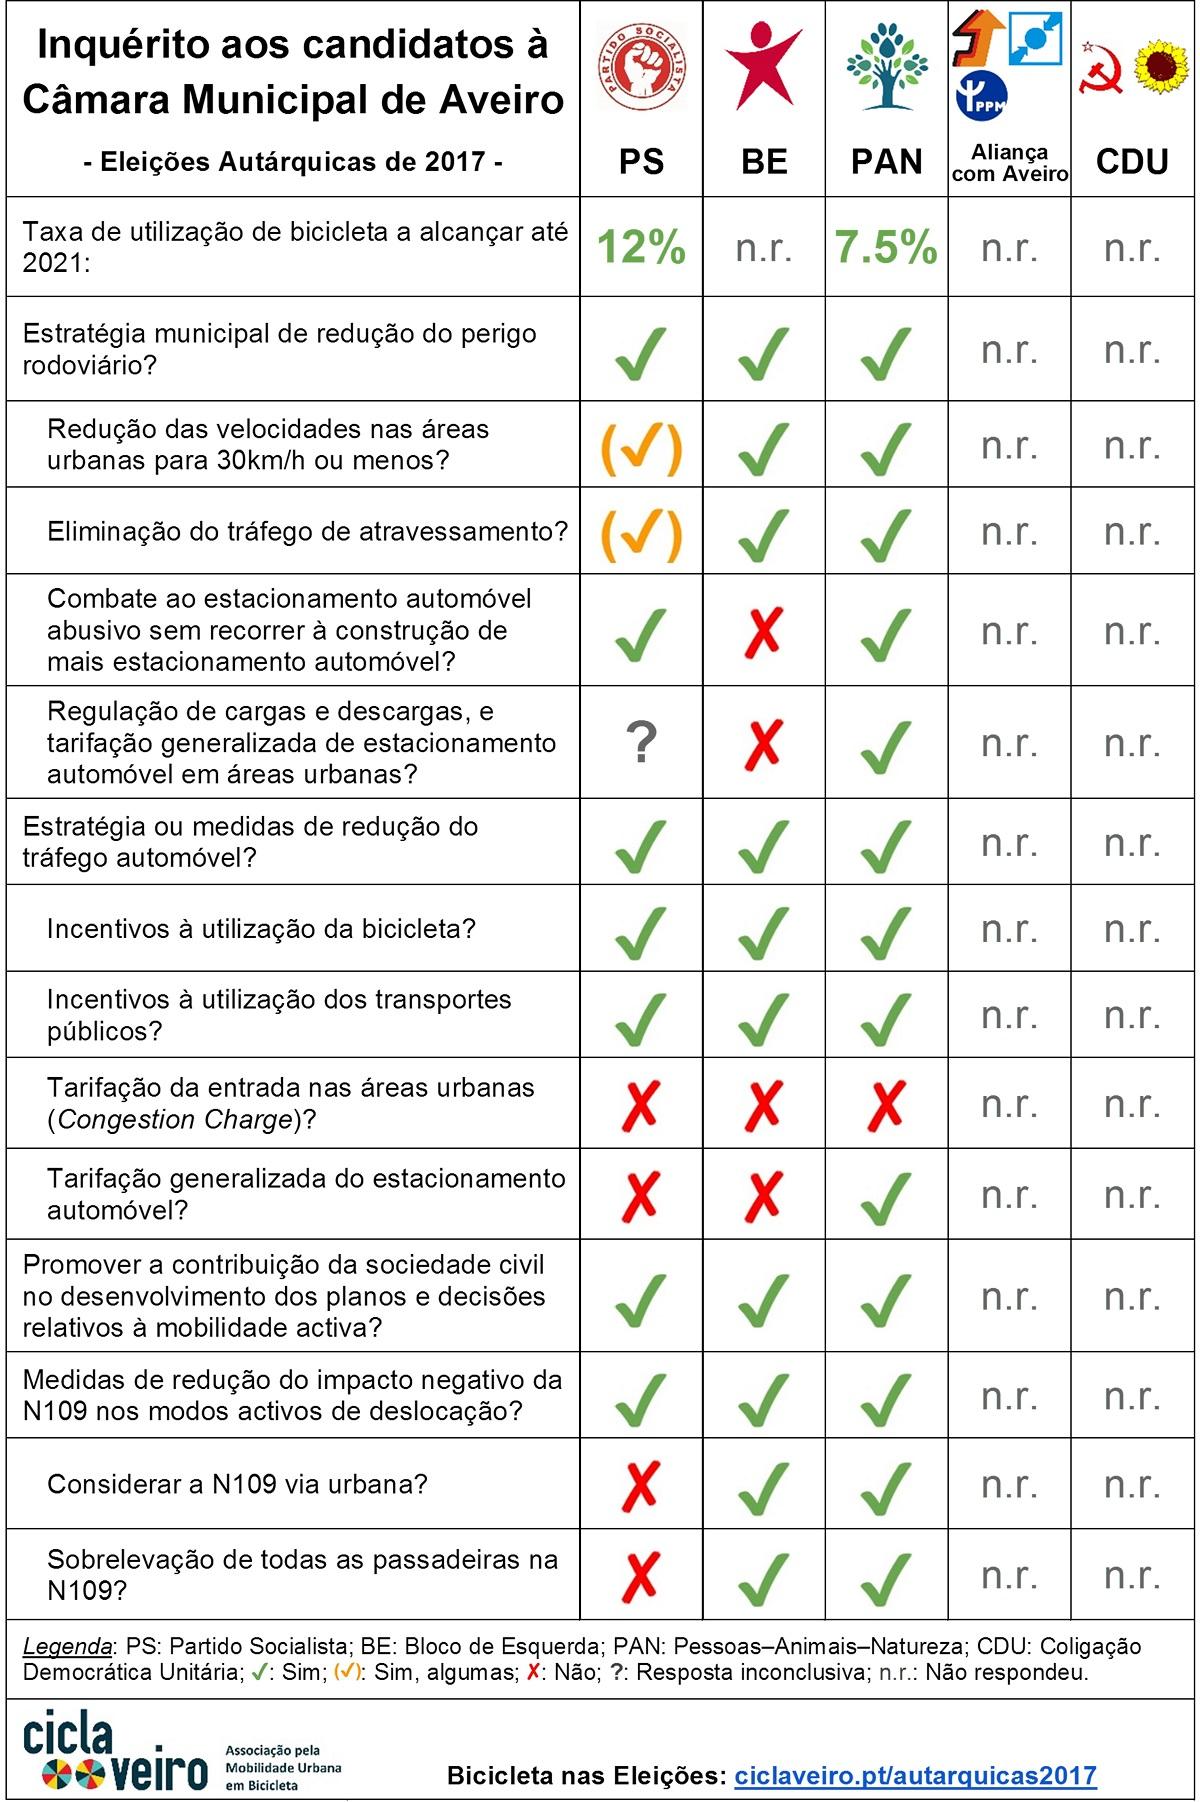 Resultados do inquérito aos candidatos à Câmara Municipal de Aveiro